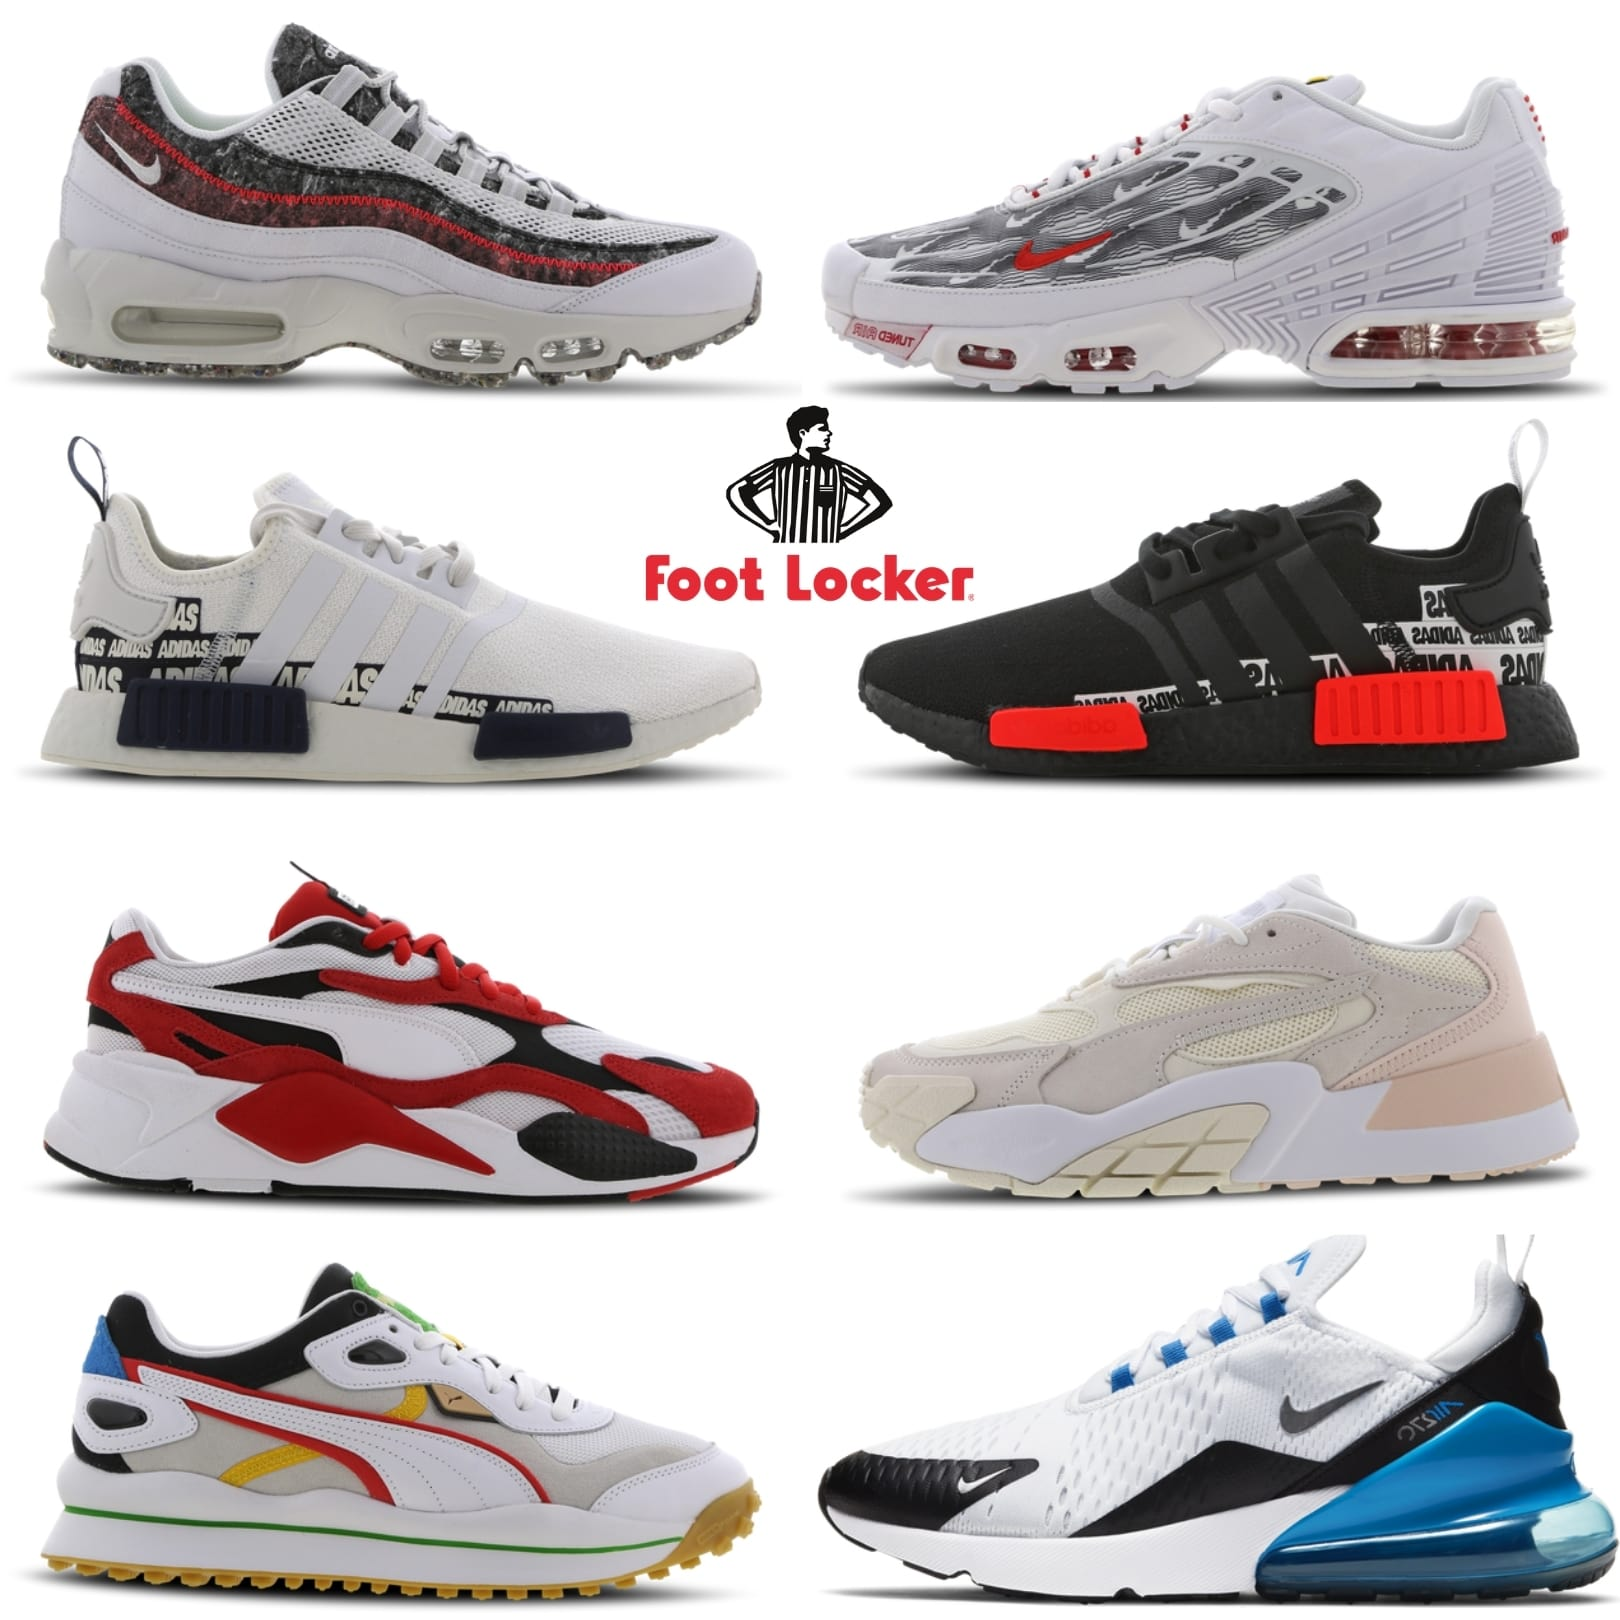 Footlocker Mid Season Sale